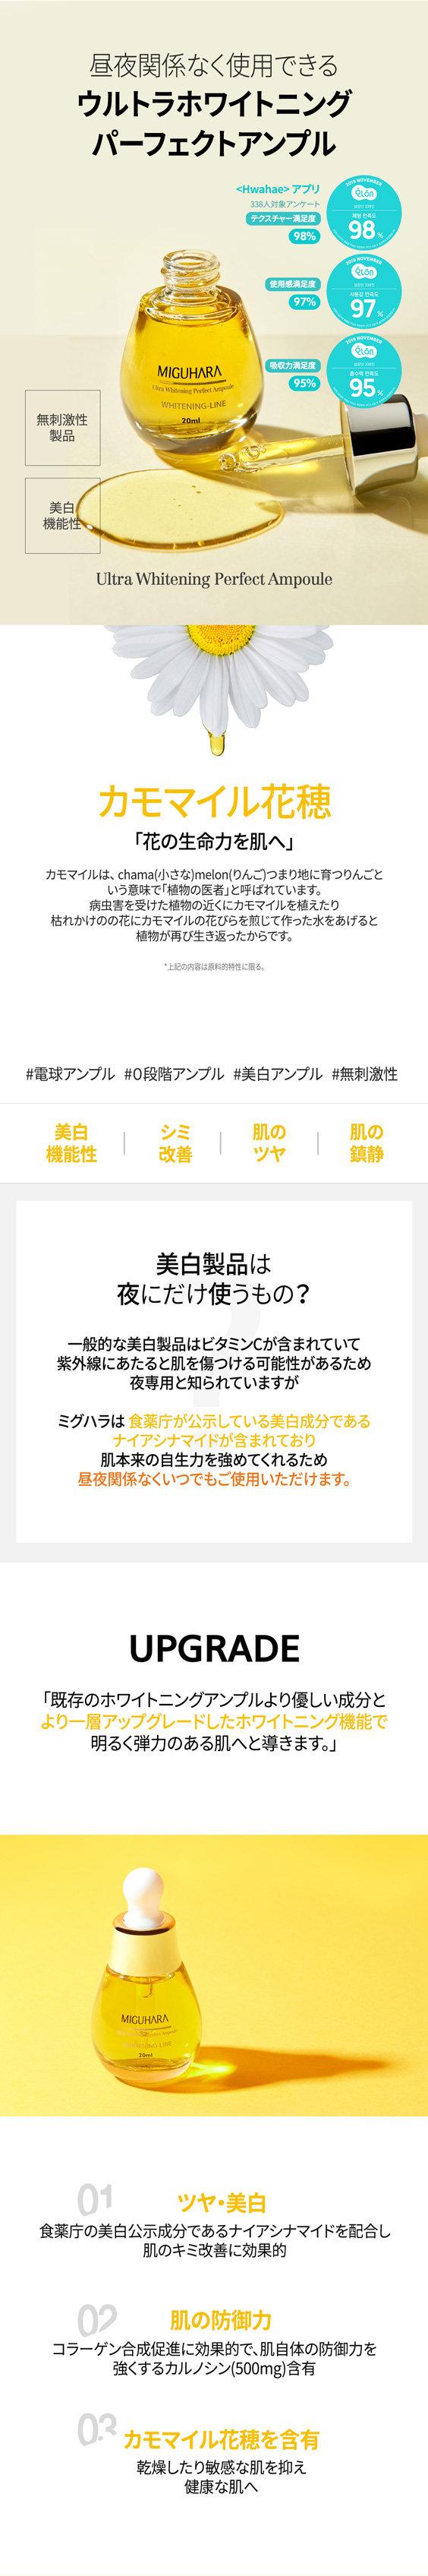 미구하라 울트라 화이트닝 퍼펙트 앰플 상세 페이지_01.jpg